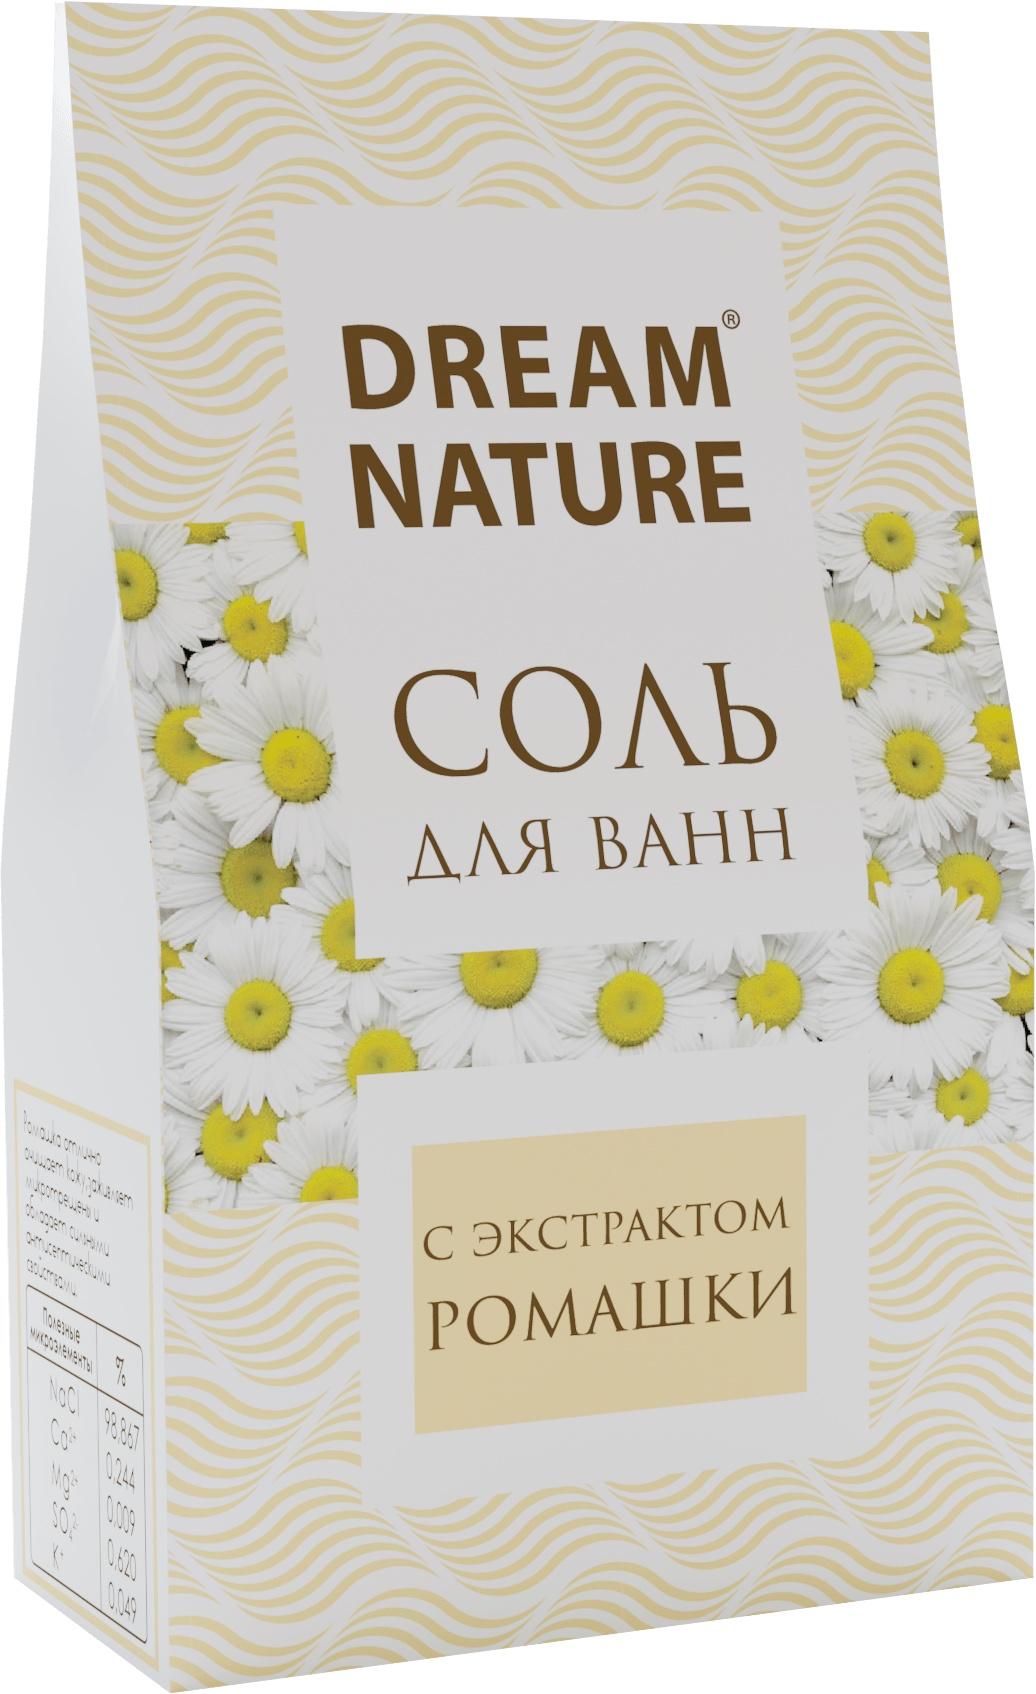 Природная  соль для ванн Dream Nature